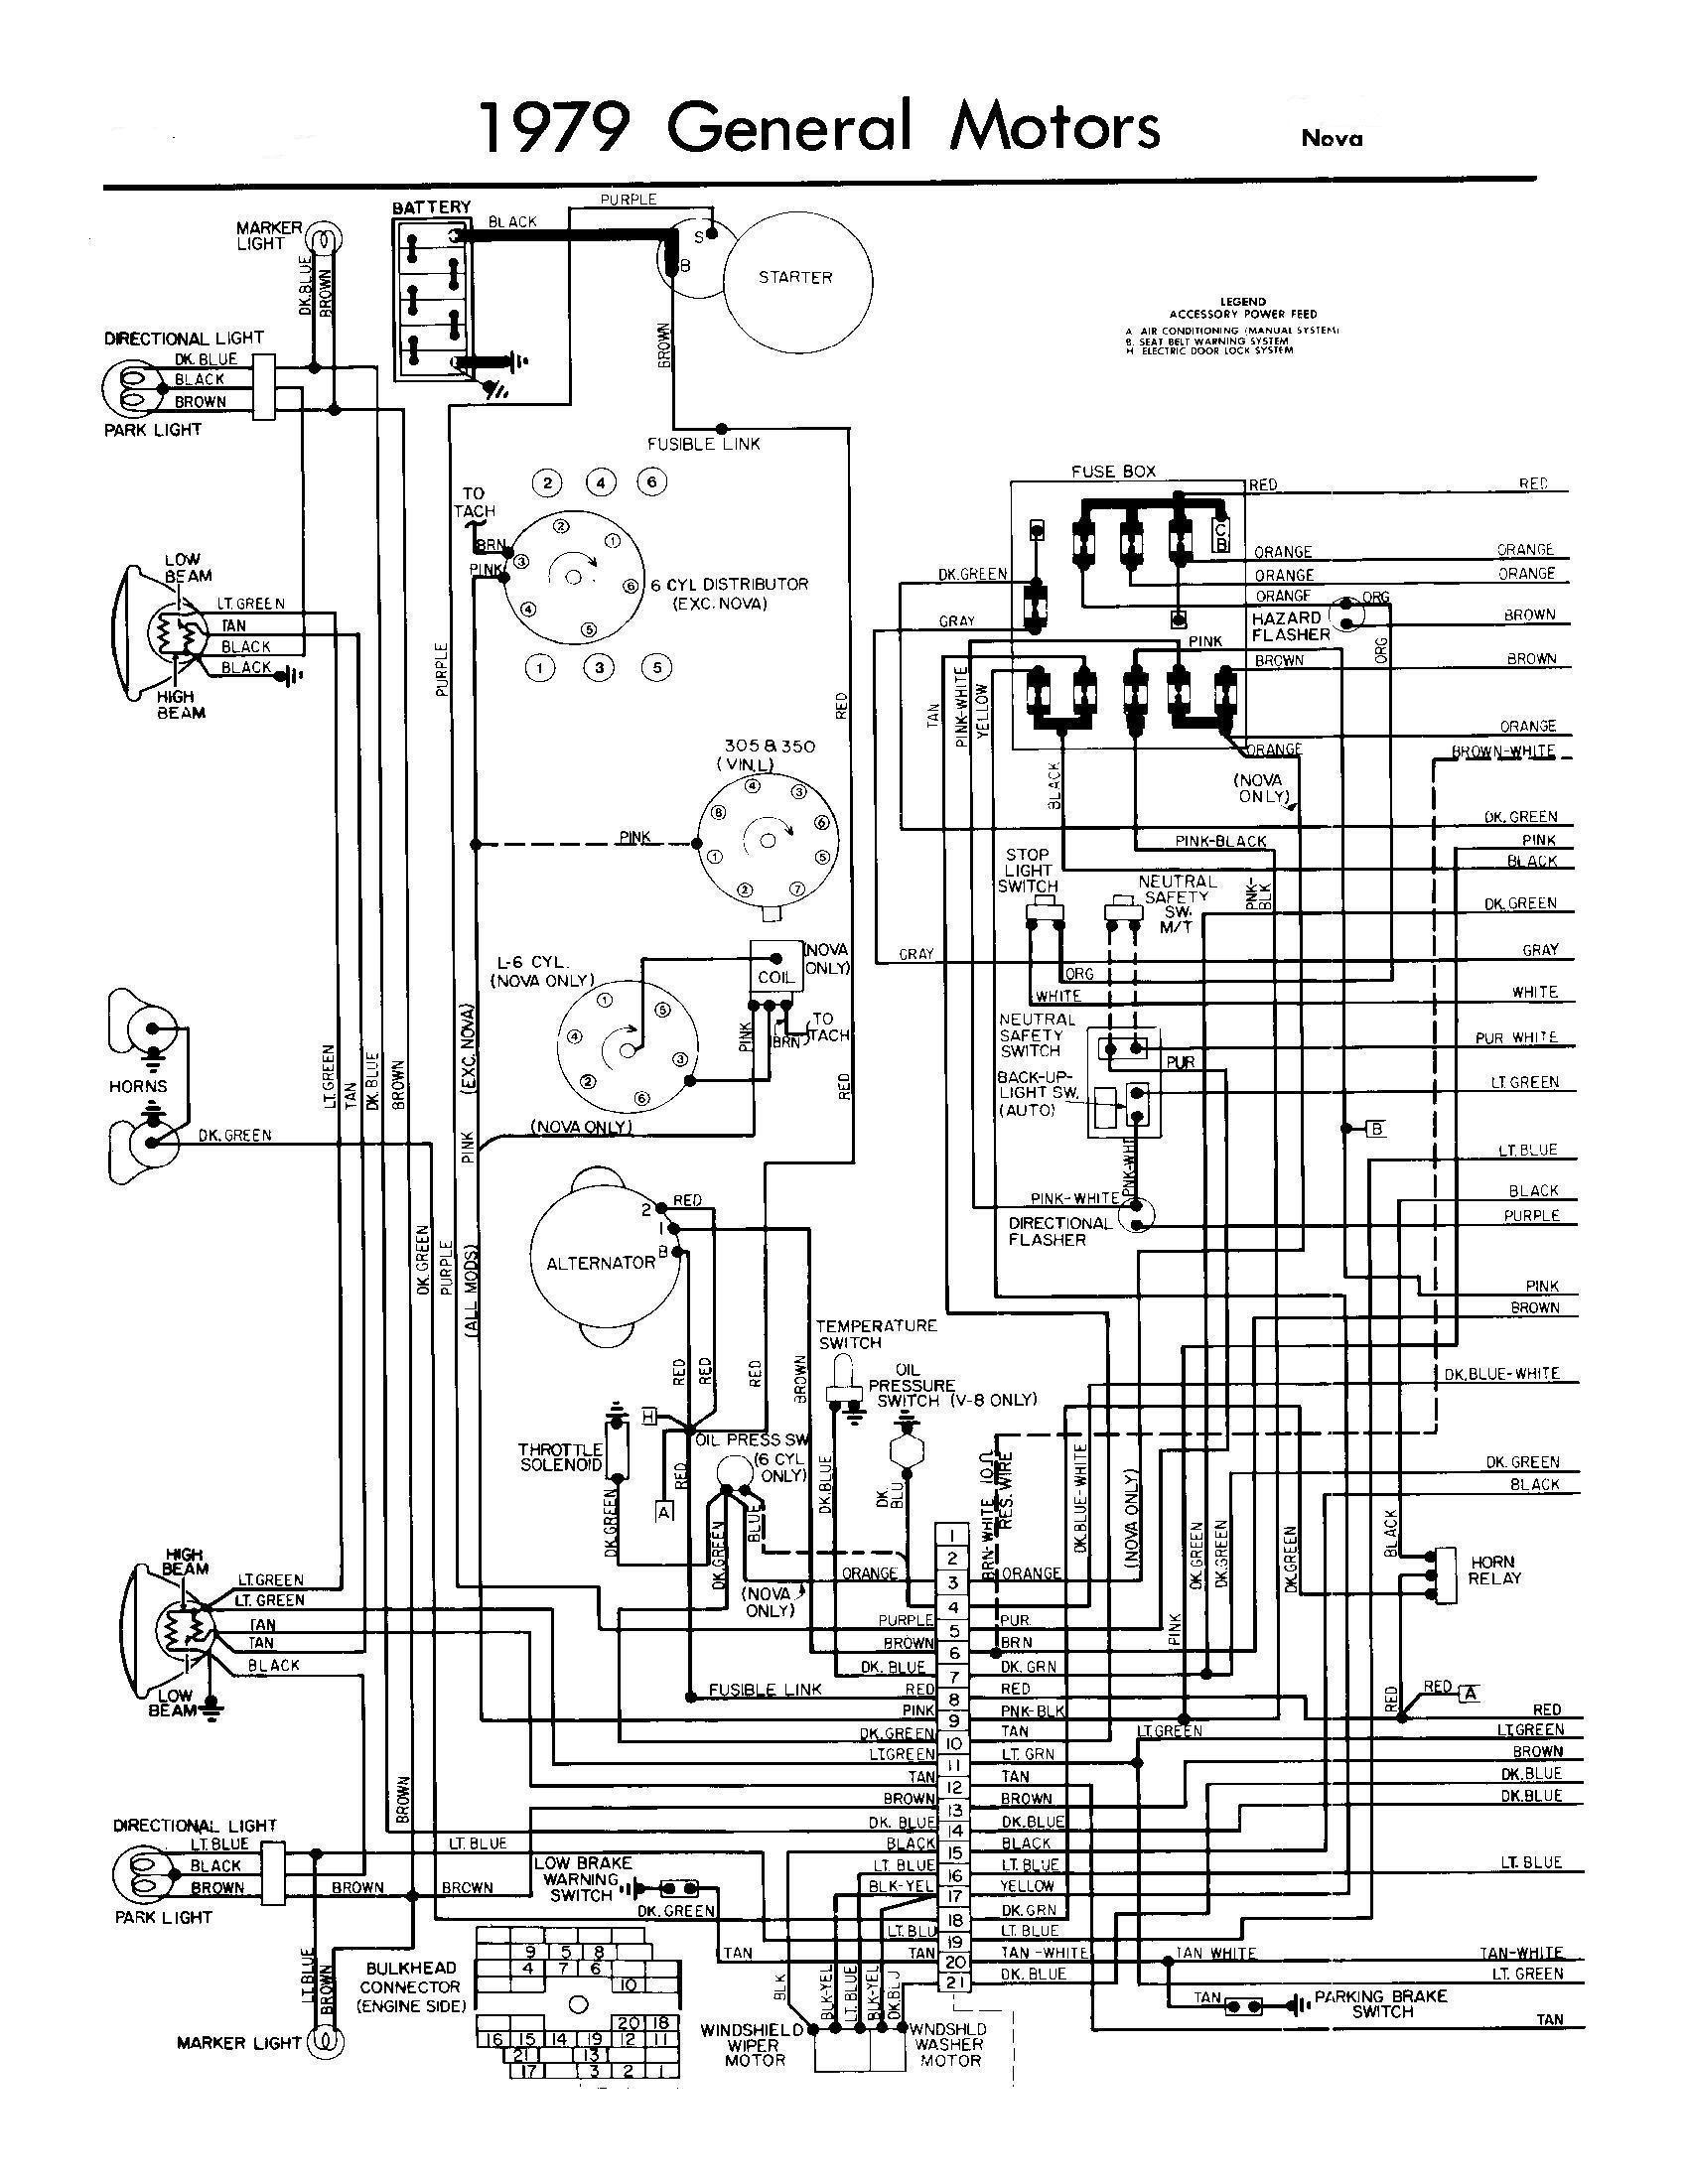 87 Chevy Truck Wiring Diagram All Generation Wiring Schematics Chevy Nova forum Of 87 Chevy Truck Wiring Diagram